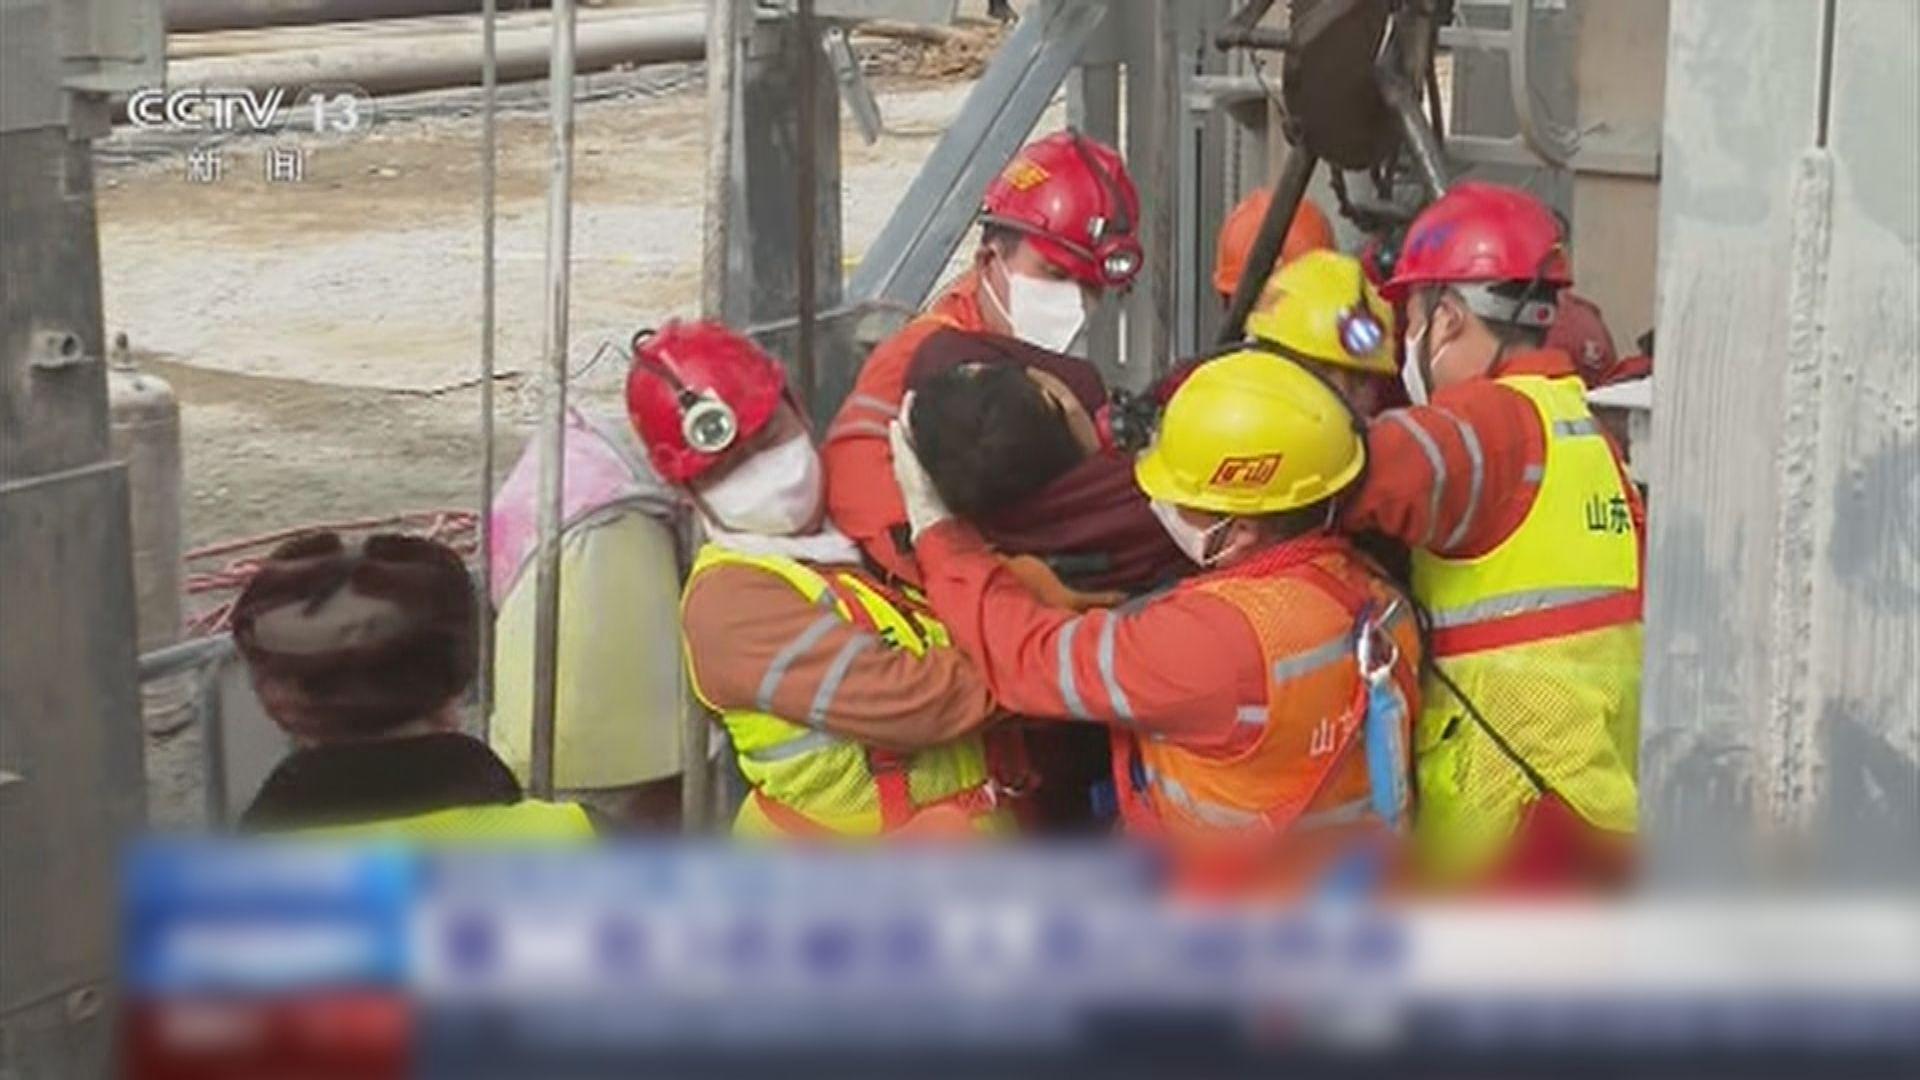 山東金礦爆炸 救援指揮部證實10人死亡一人失蹤